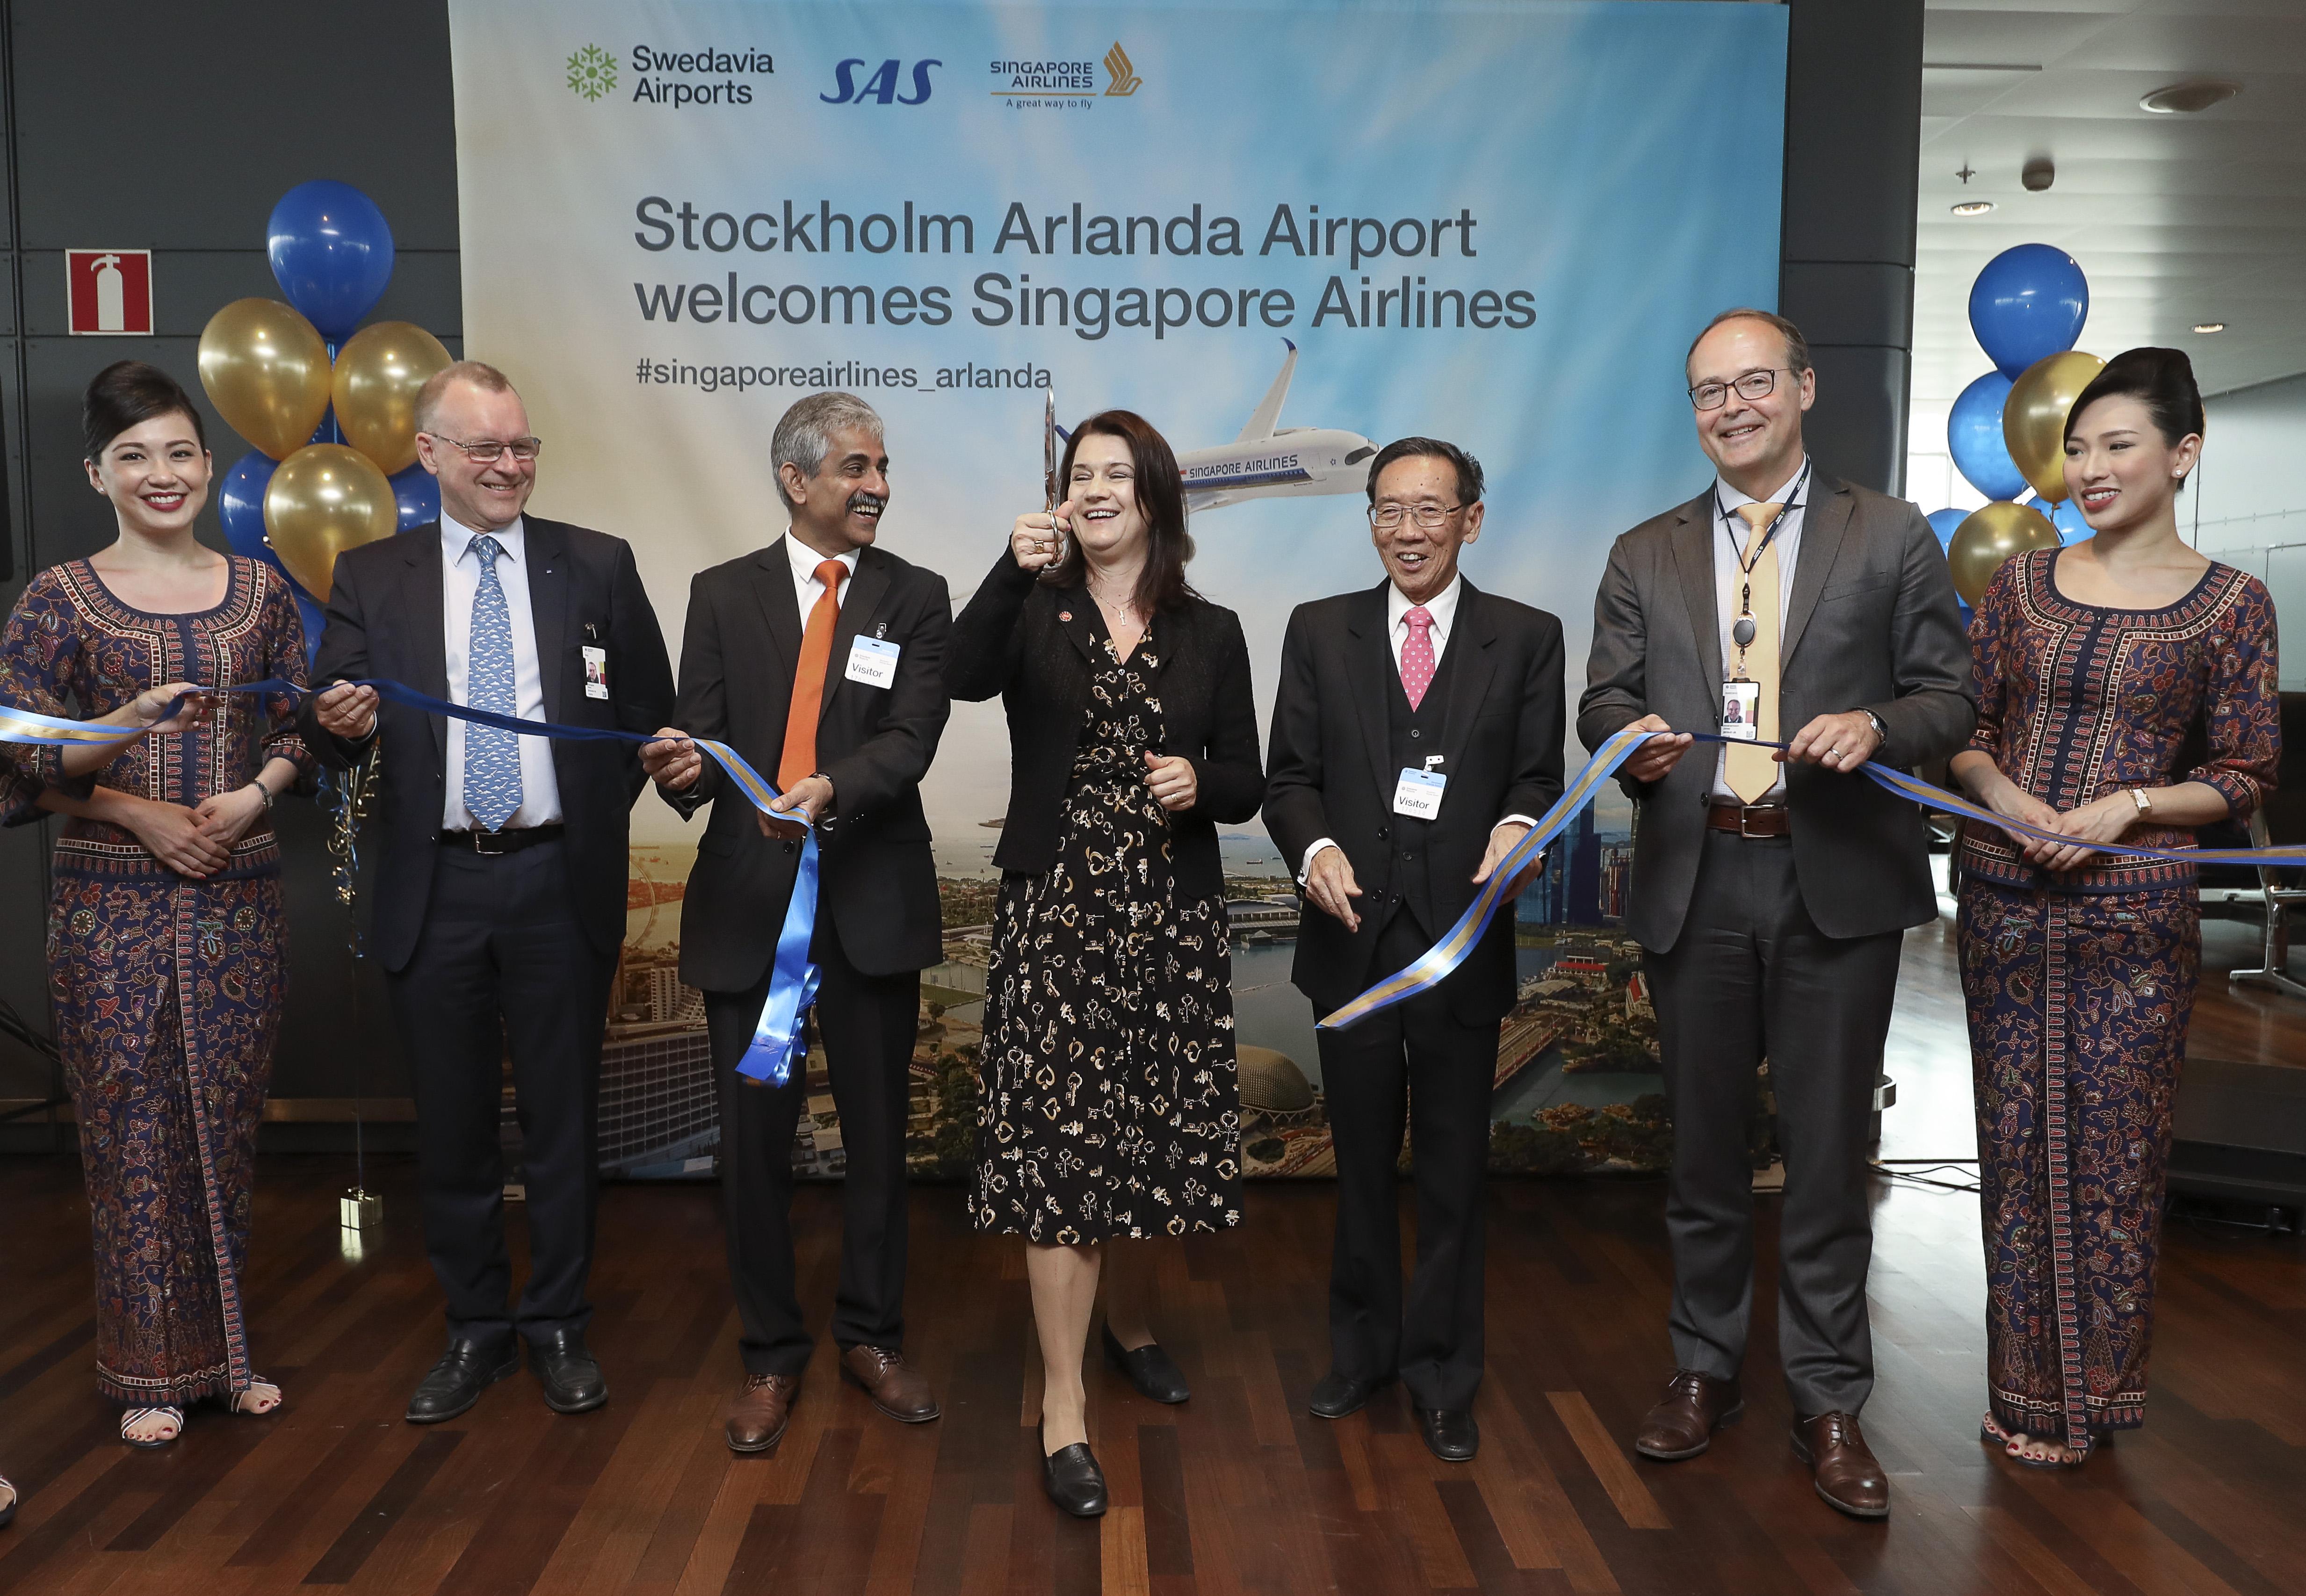 Singapore Airlines ved første ankomst i Arlanda. (Foto: Sören Andersson)